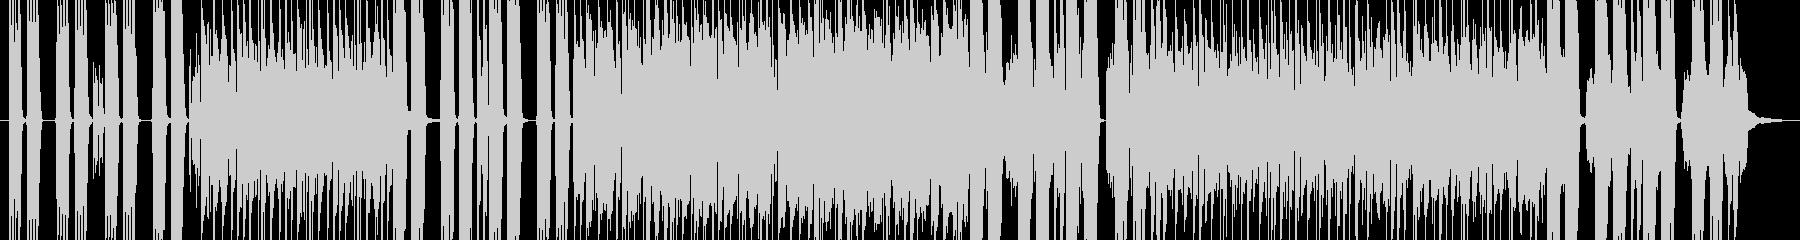 インパクトのあるハードロックBGM の未再生の波形